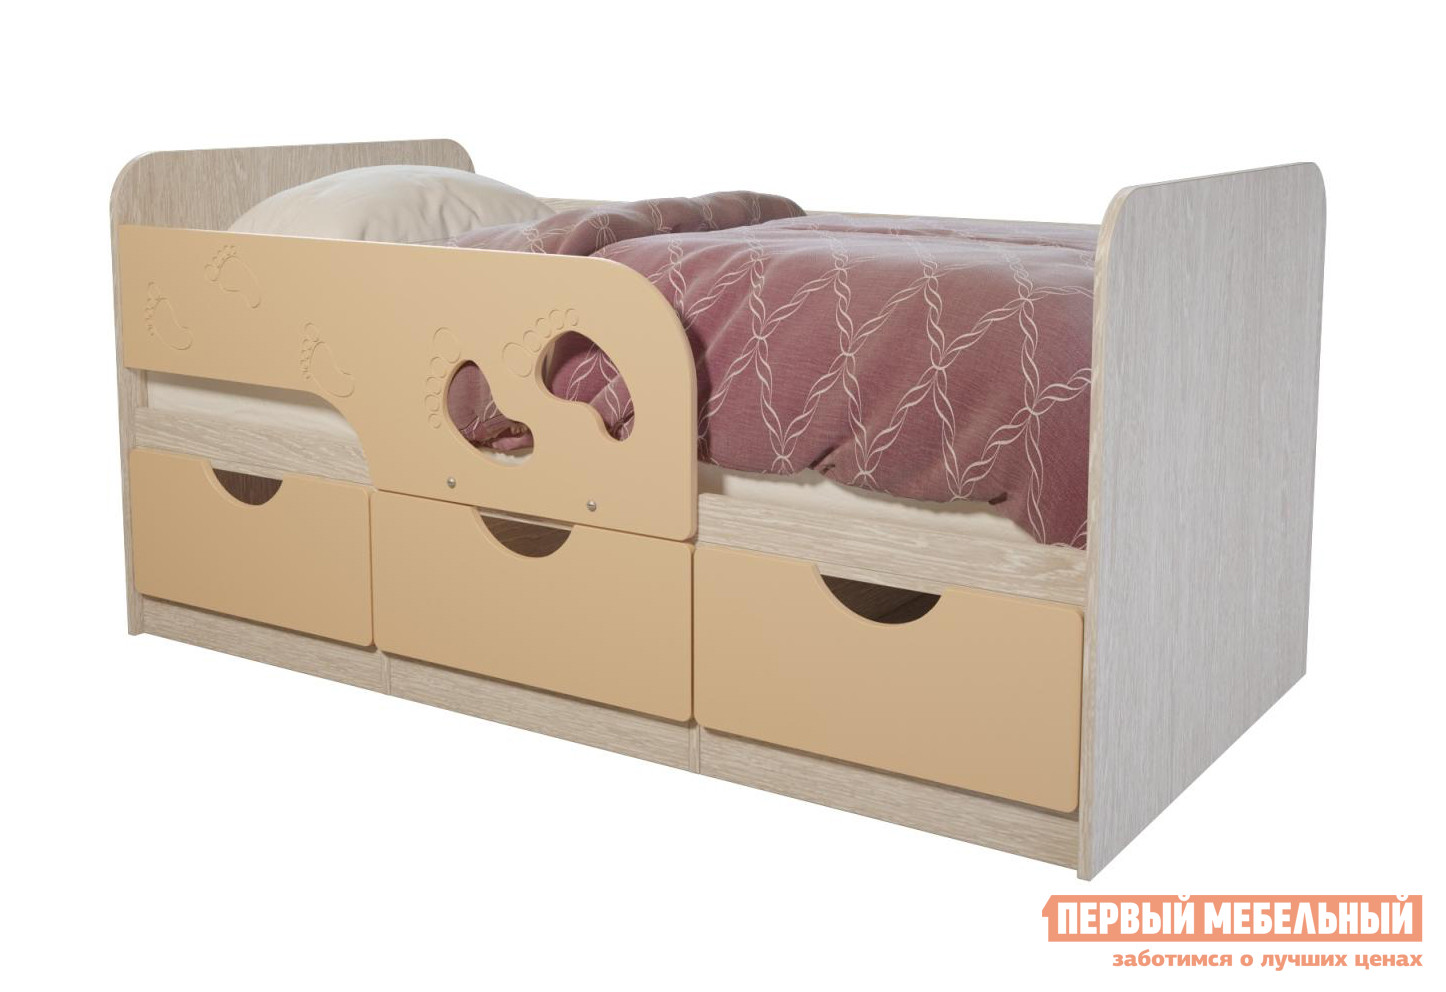 цена на Детская кровать Первый Мебельный Лего 1